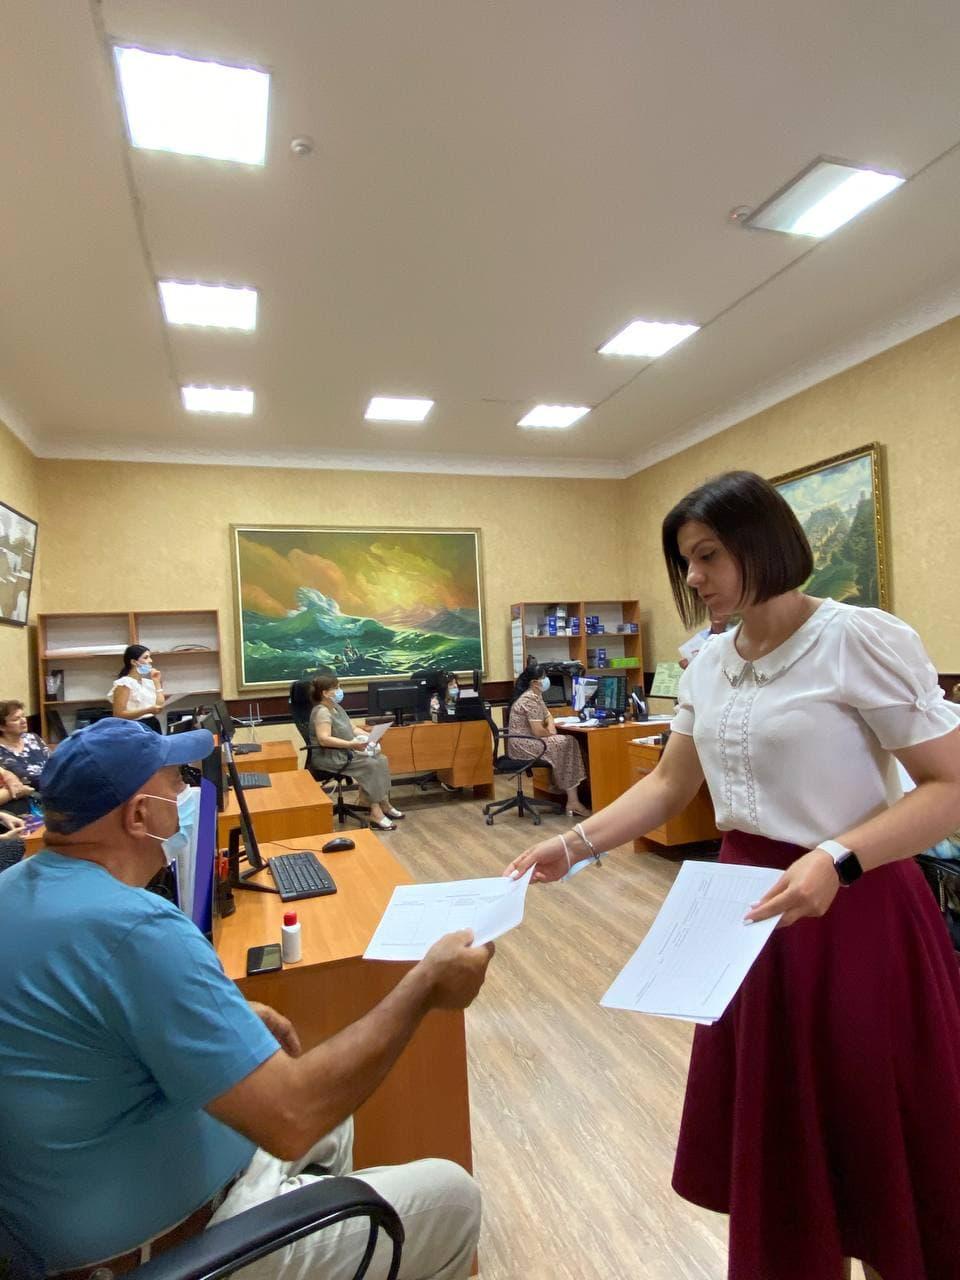 Руководство Дербентского музея-заповедника рекомендует своим работникам вакцинироваться от коронавируса